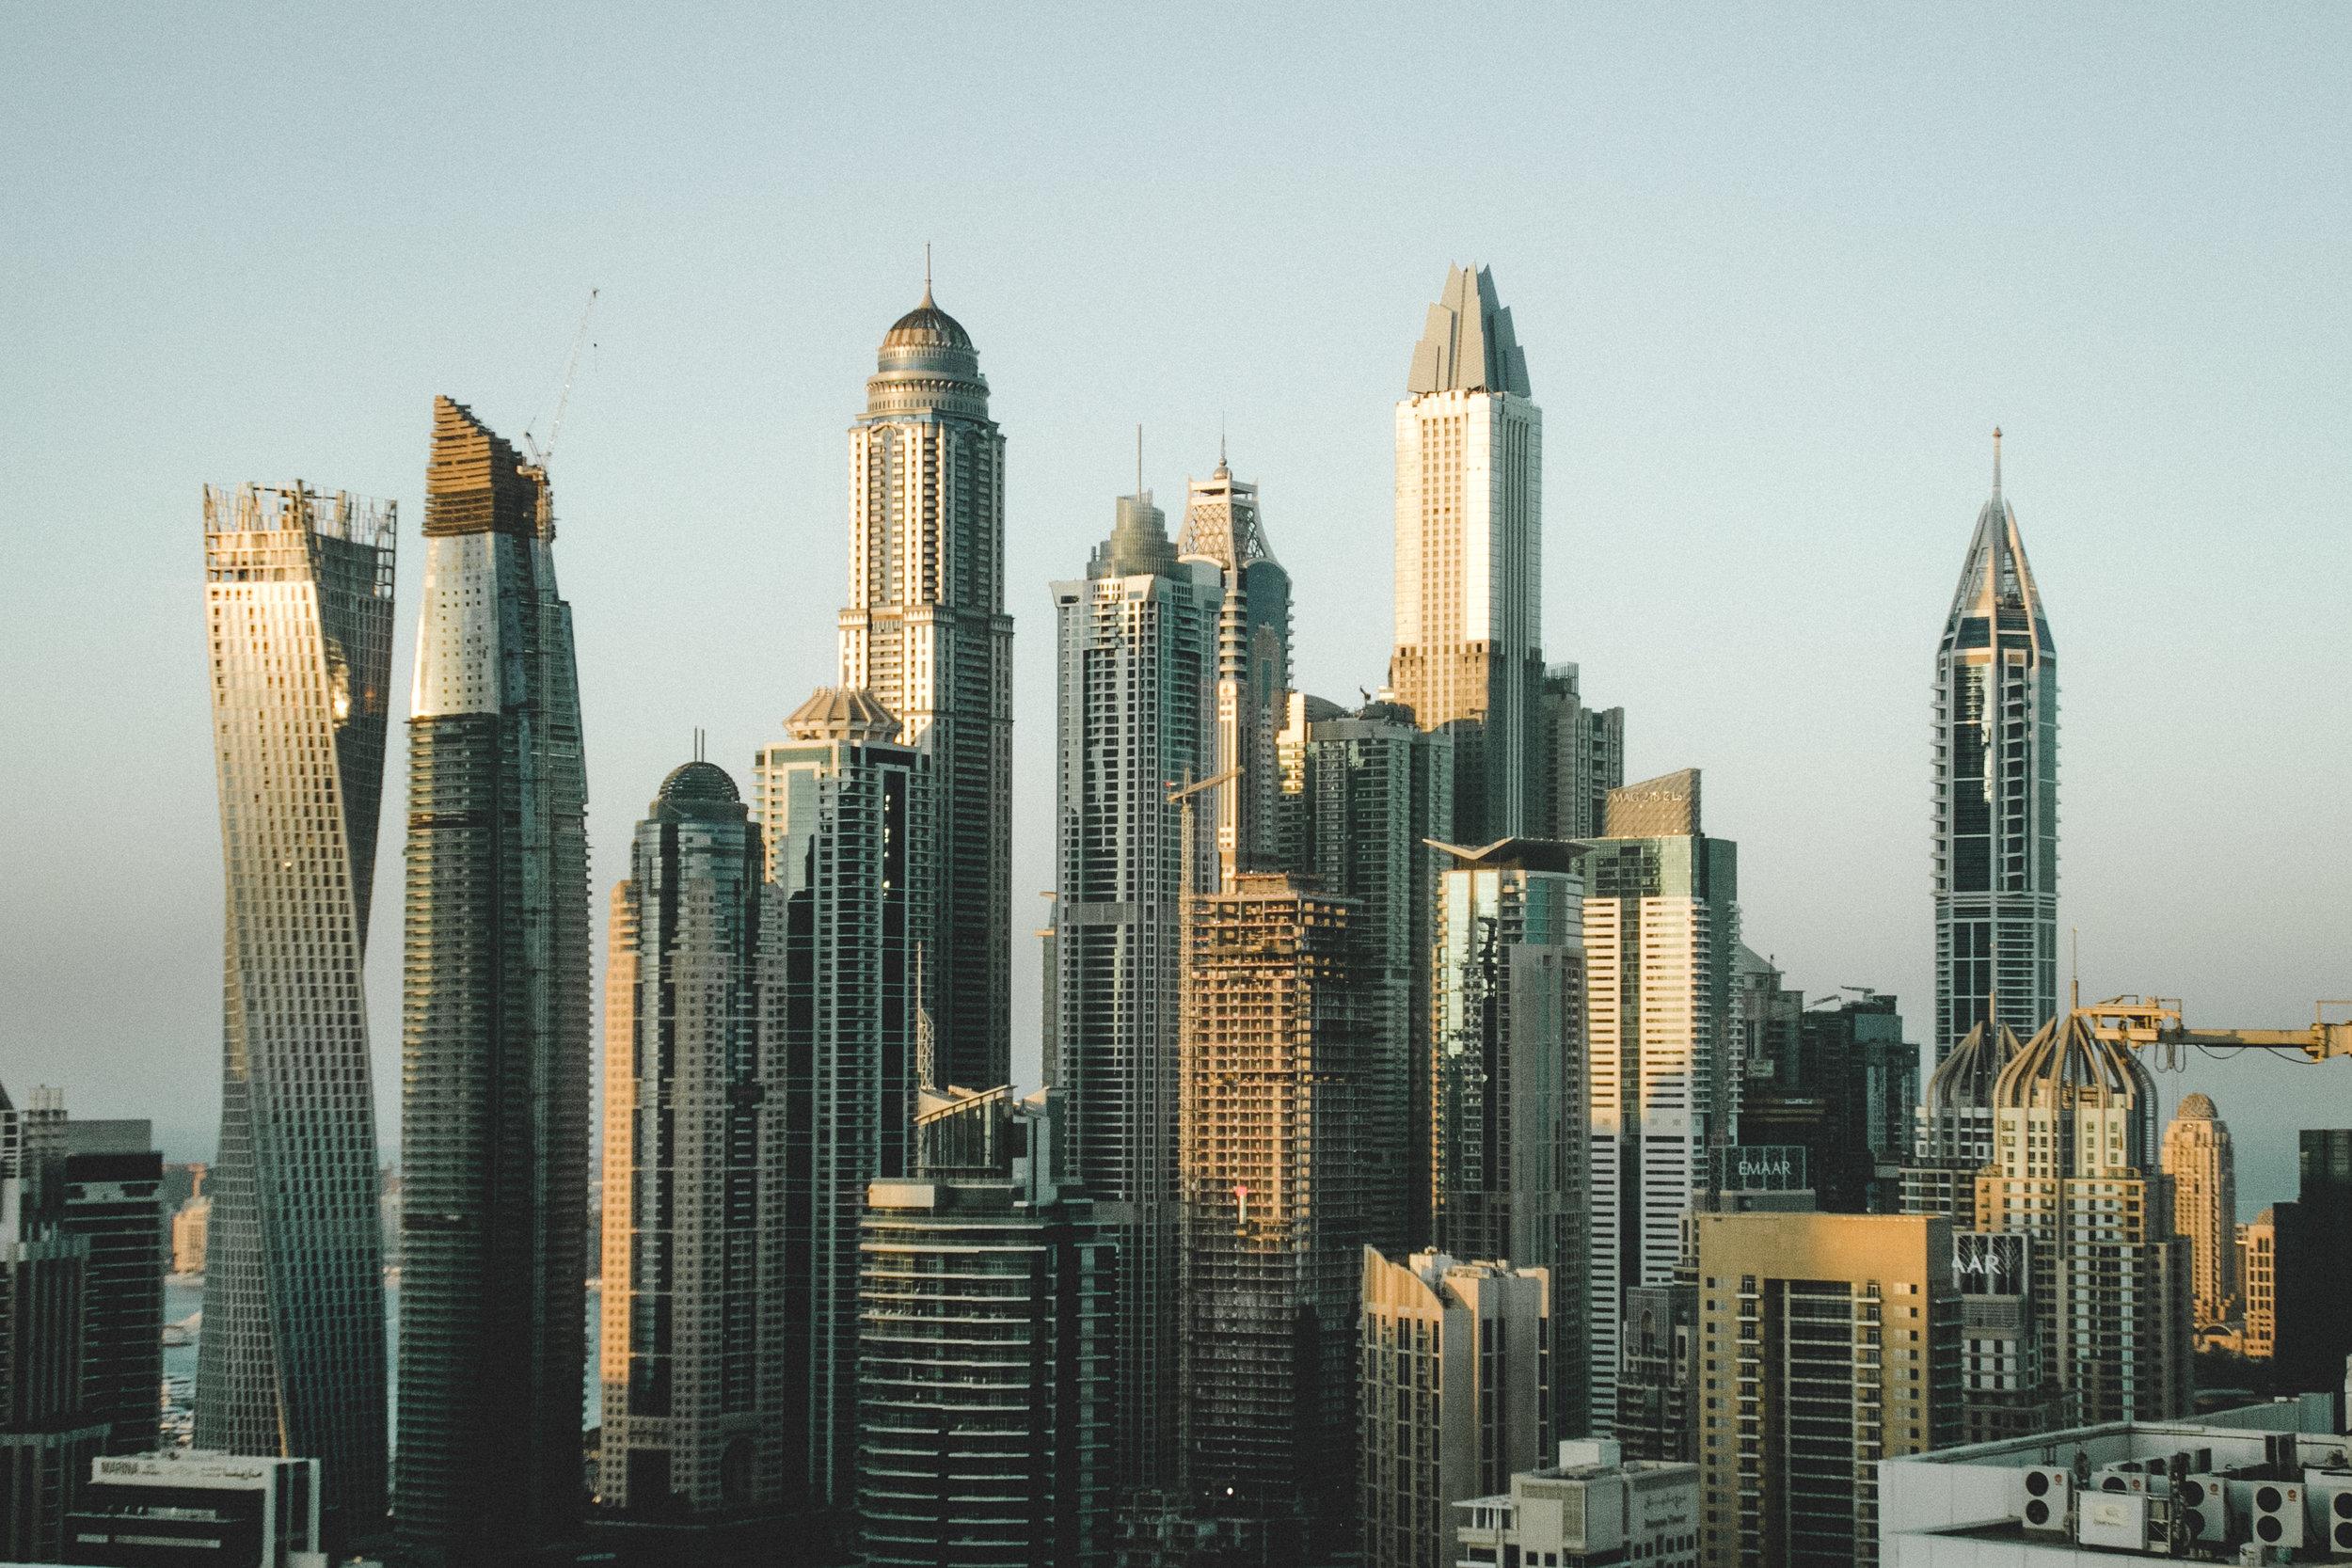 Free Walking Tour - Existen varias compañías que ofrecen tours gratuitos para recorrer Dubai. Conocer el desarrollo de esta gran ciudad puede ser una de las experiencias más sorprendentes en tu viaje. Aunque existen varias compañías, una de las más famosas es Airo Tour. Esta ofrece recorridos a pie gratuitos por la ciudad para entre 2 y 20 personas a la vez. No pagarás por el recorrido, pero AiroTour -o cualquier otra compañía- le pedirá que catalogue a su experiencia utilizando propinas si cree que se hizo un buen trabajo.